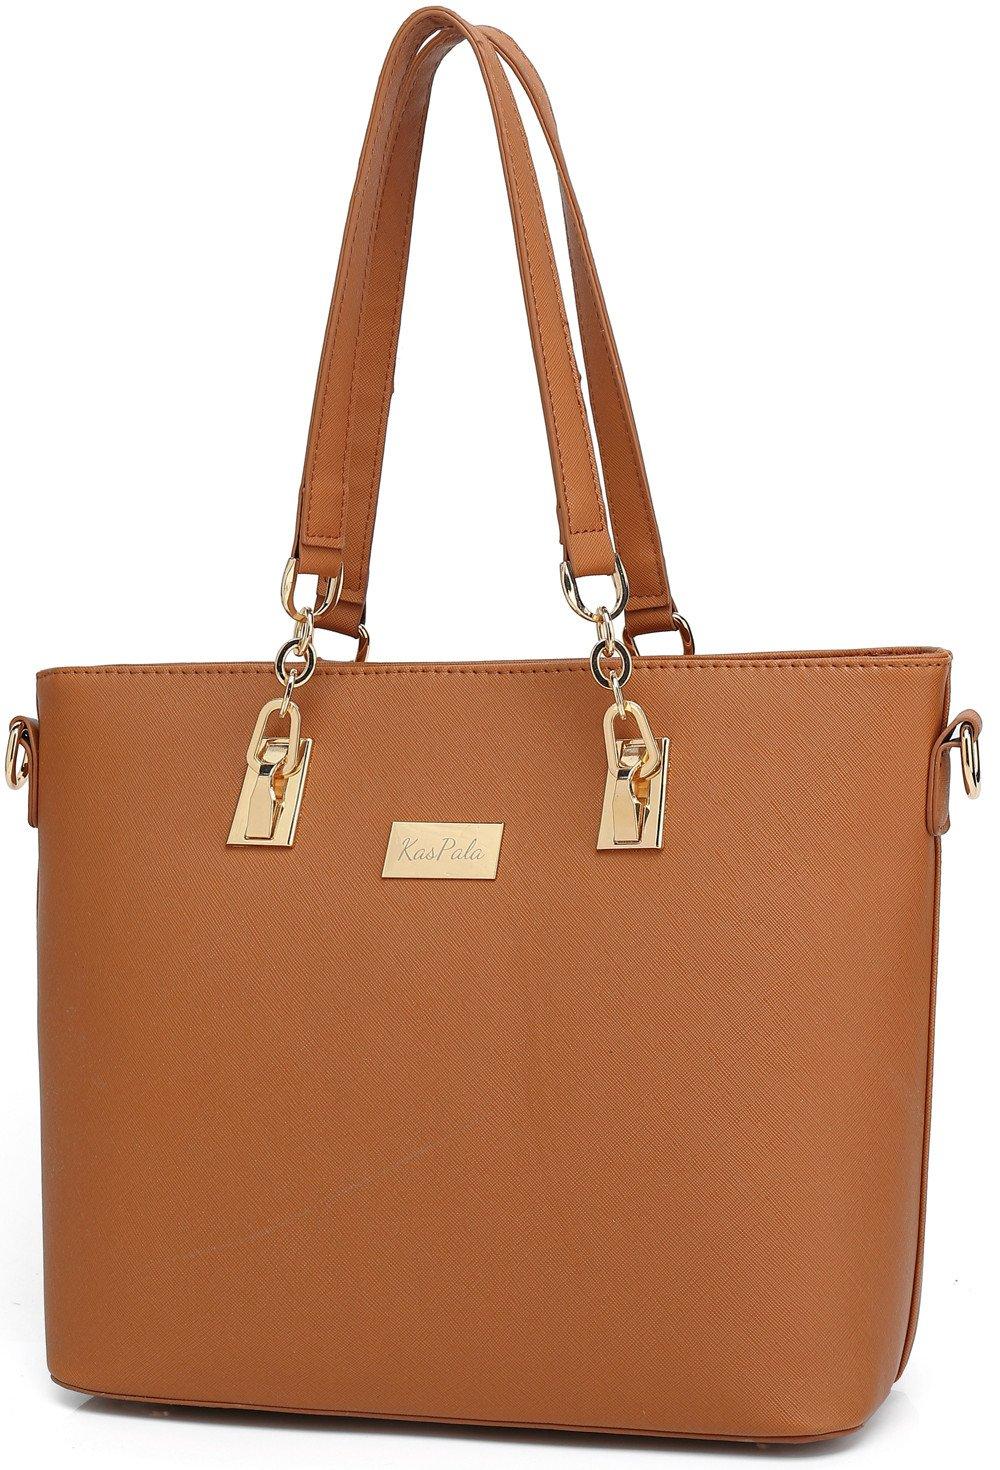 Women Tote Handbag + Clutch Bag + Wallet 3 Piece Set Bag Shoulder Bag for  Work larger image d61d7e7c44c32